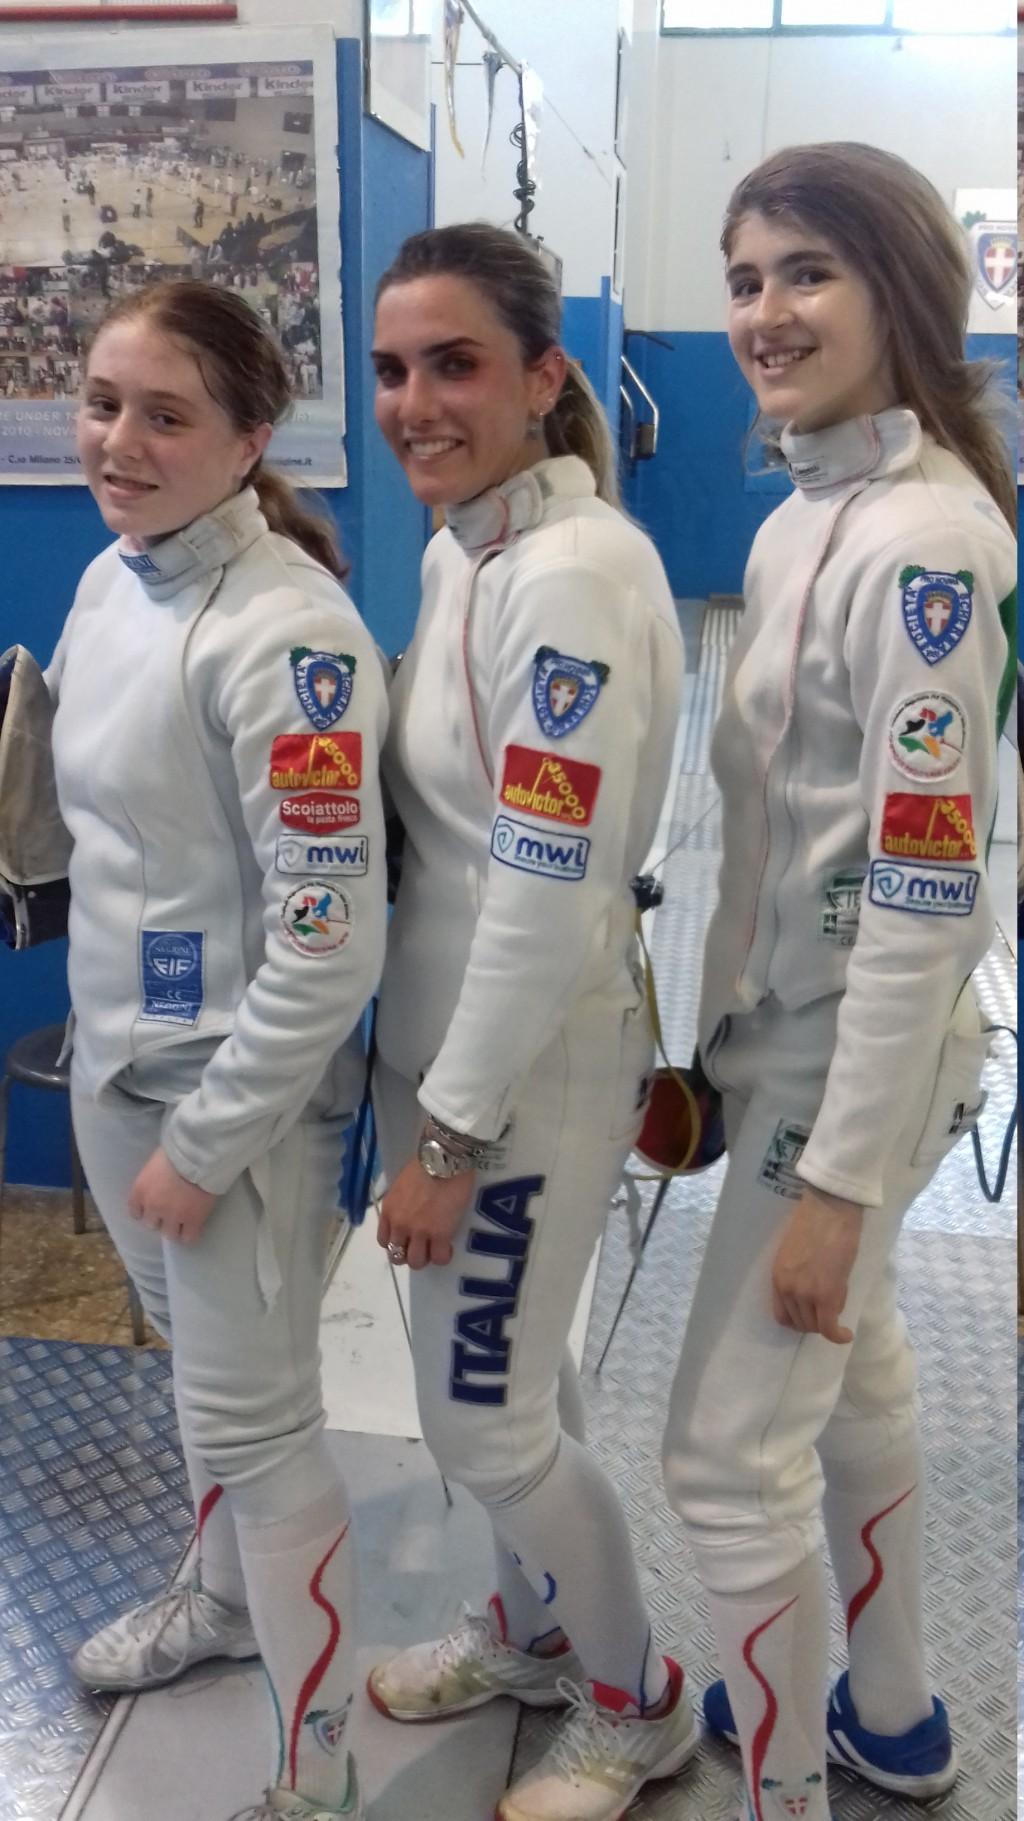 Atlete della Pro Novara Scherma in palestra - Pronovara